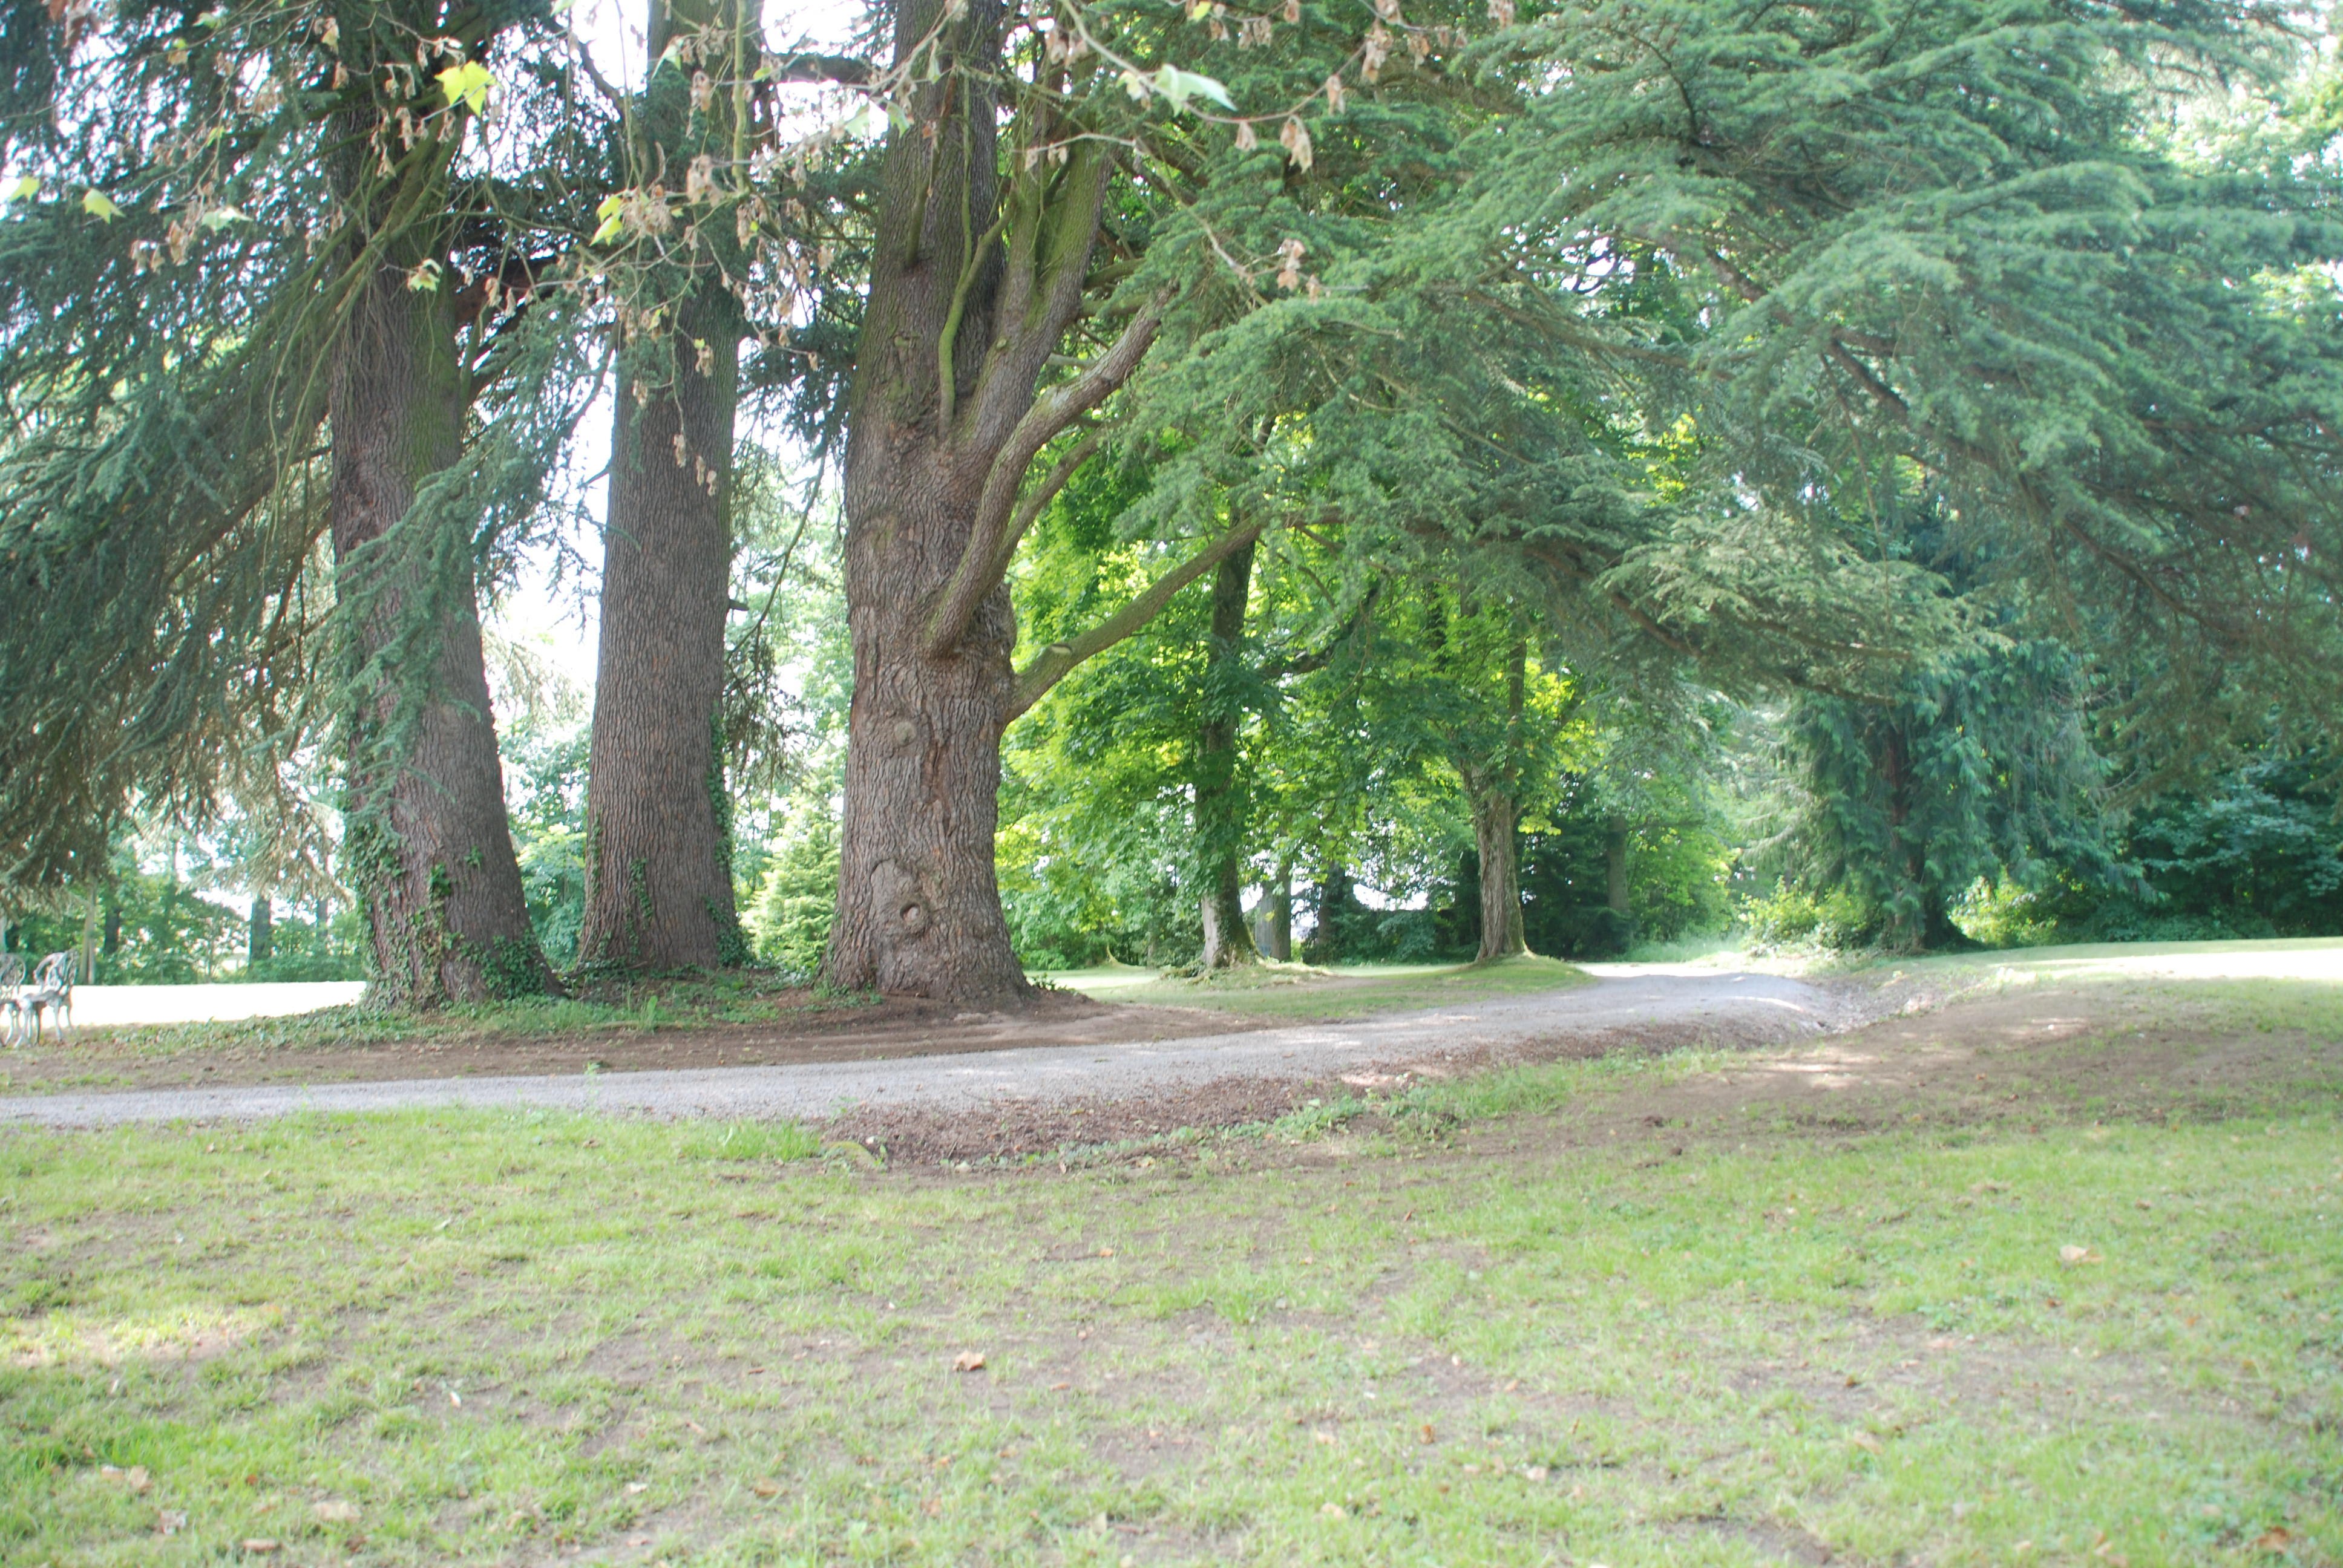 Parc of Chateau Les Bardons